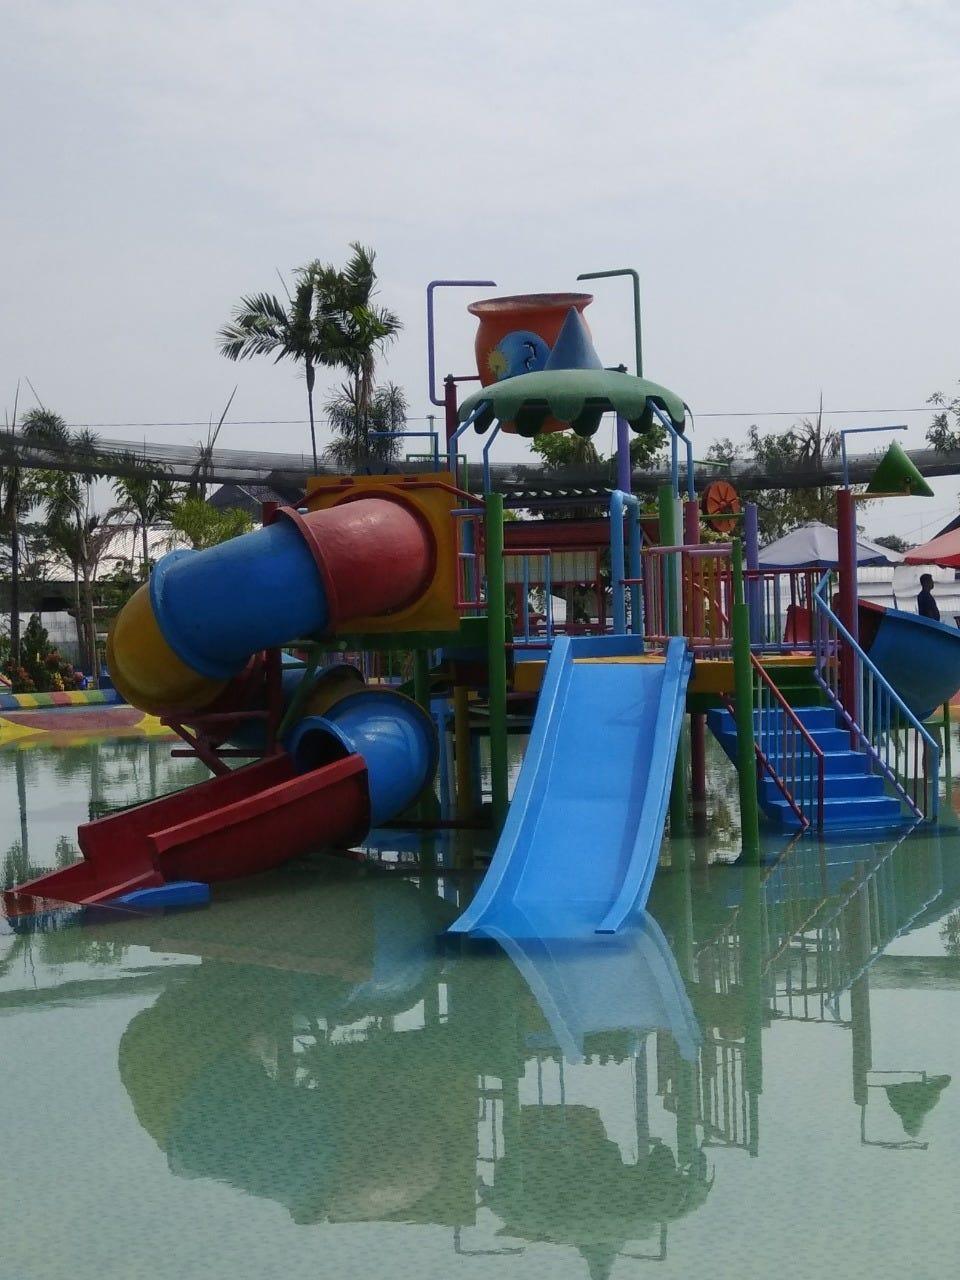 Kolam Renang Di Sidoarjo : kolam, renang, sidoarjo, Telp., 0816585648, (Indosat), Kontraktor, Kolam, Renang, Padang, Waterboom, Medium